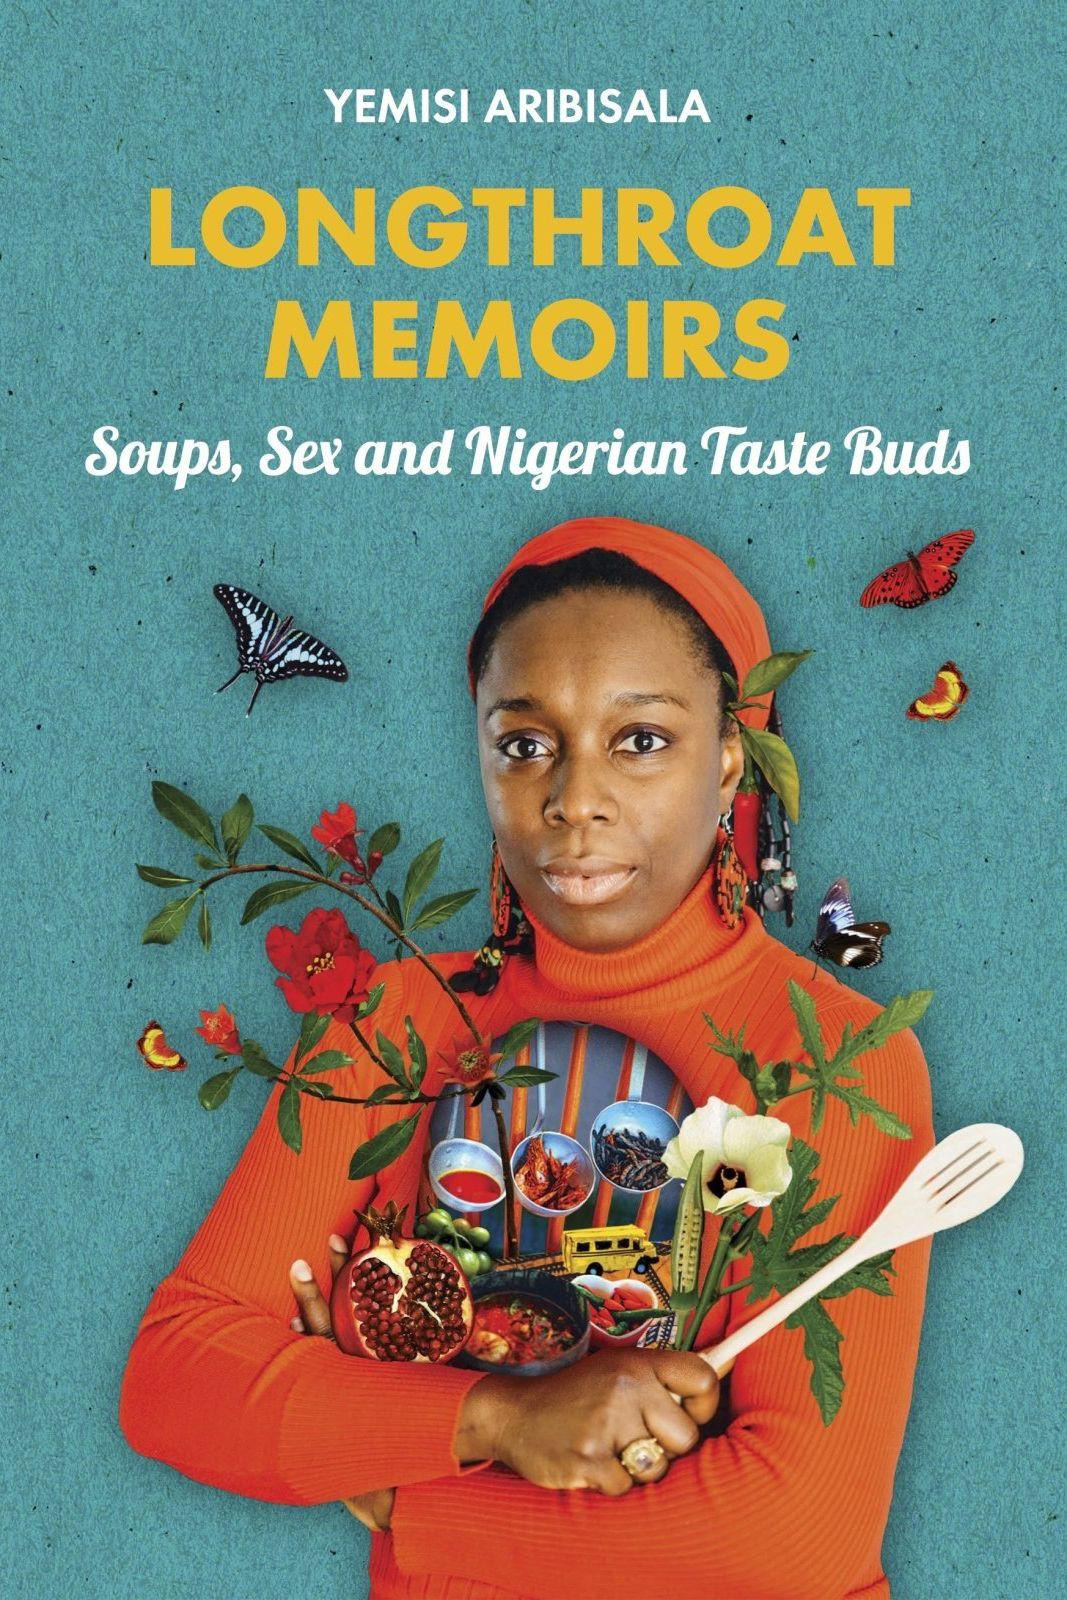 Longthroat Memoirs by Yemisi Aribisala